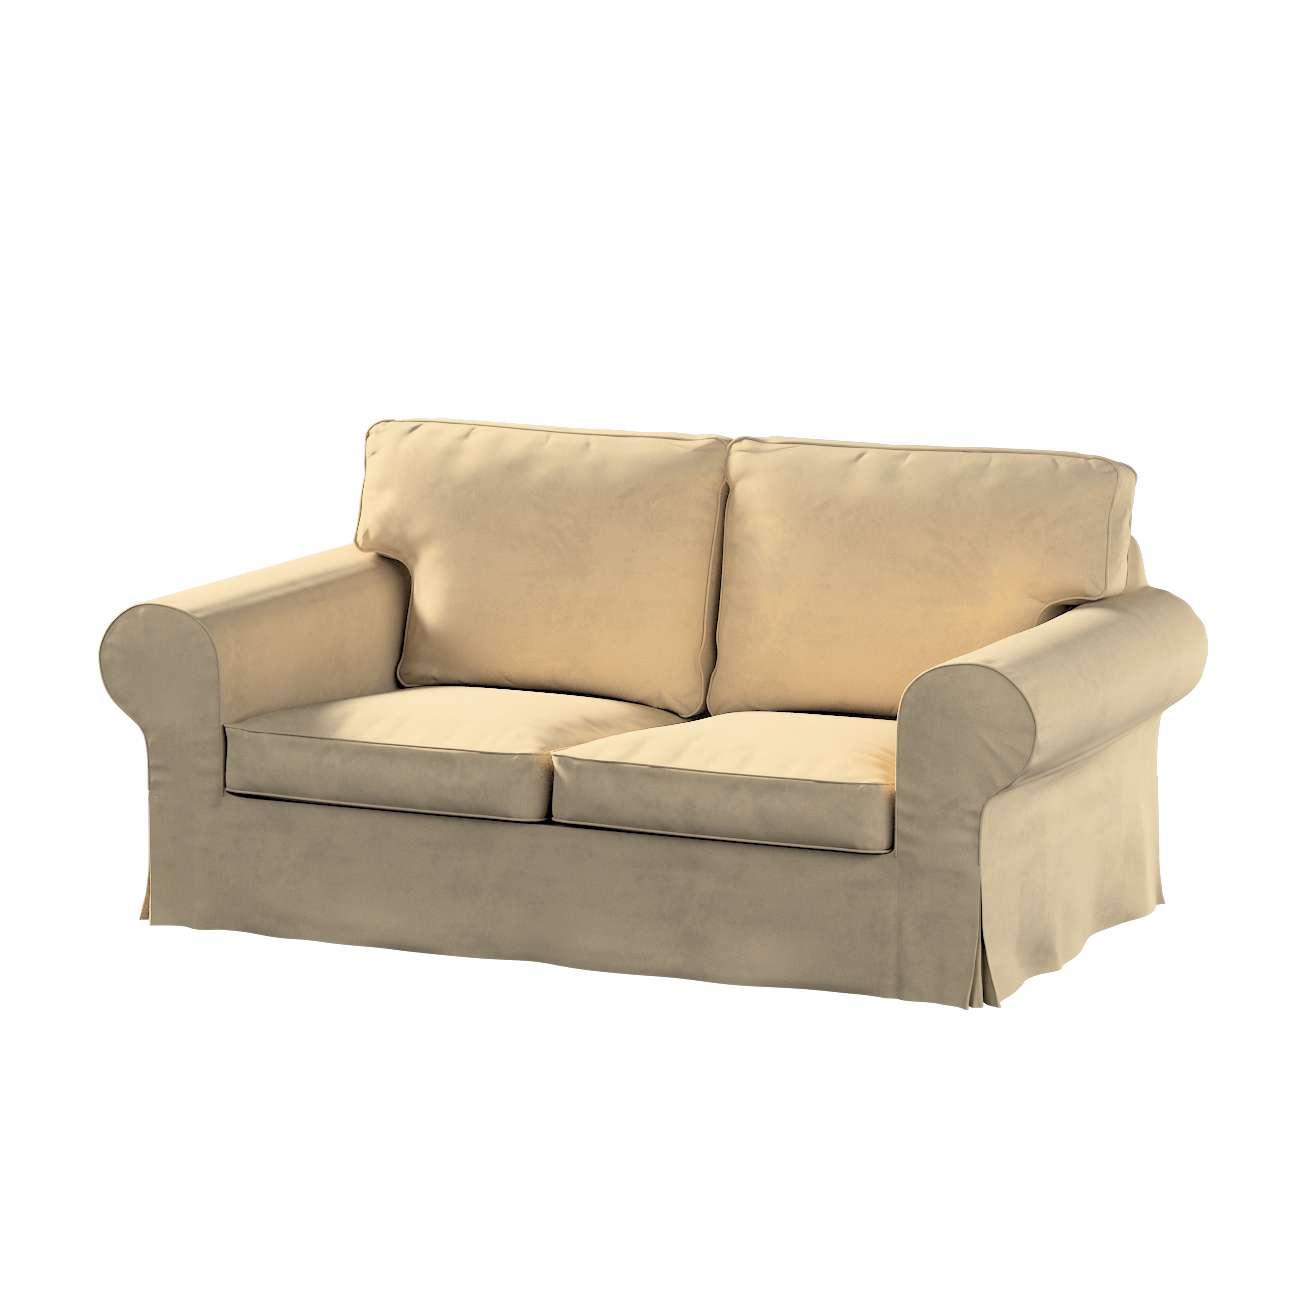 Pokrowiec na sofę Ektorp 2-osobową, rozkładaną, model do 2012 w kolekcji Living II, tkanina: 160-82